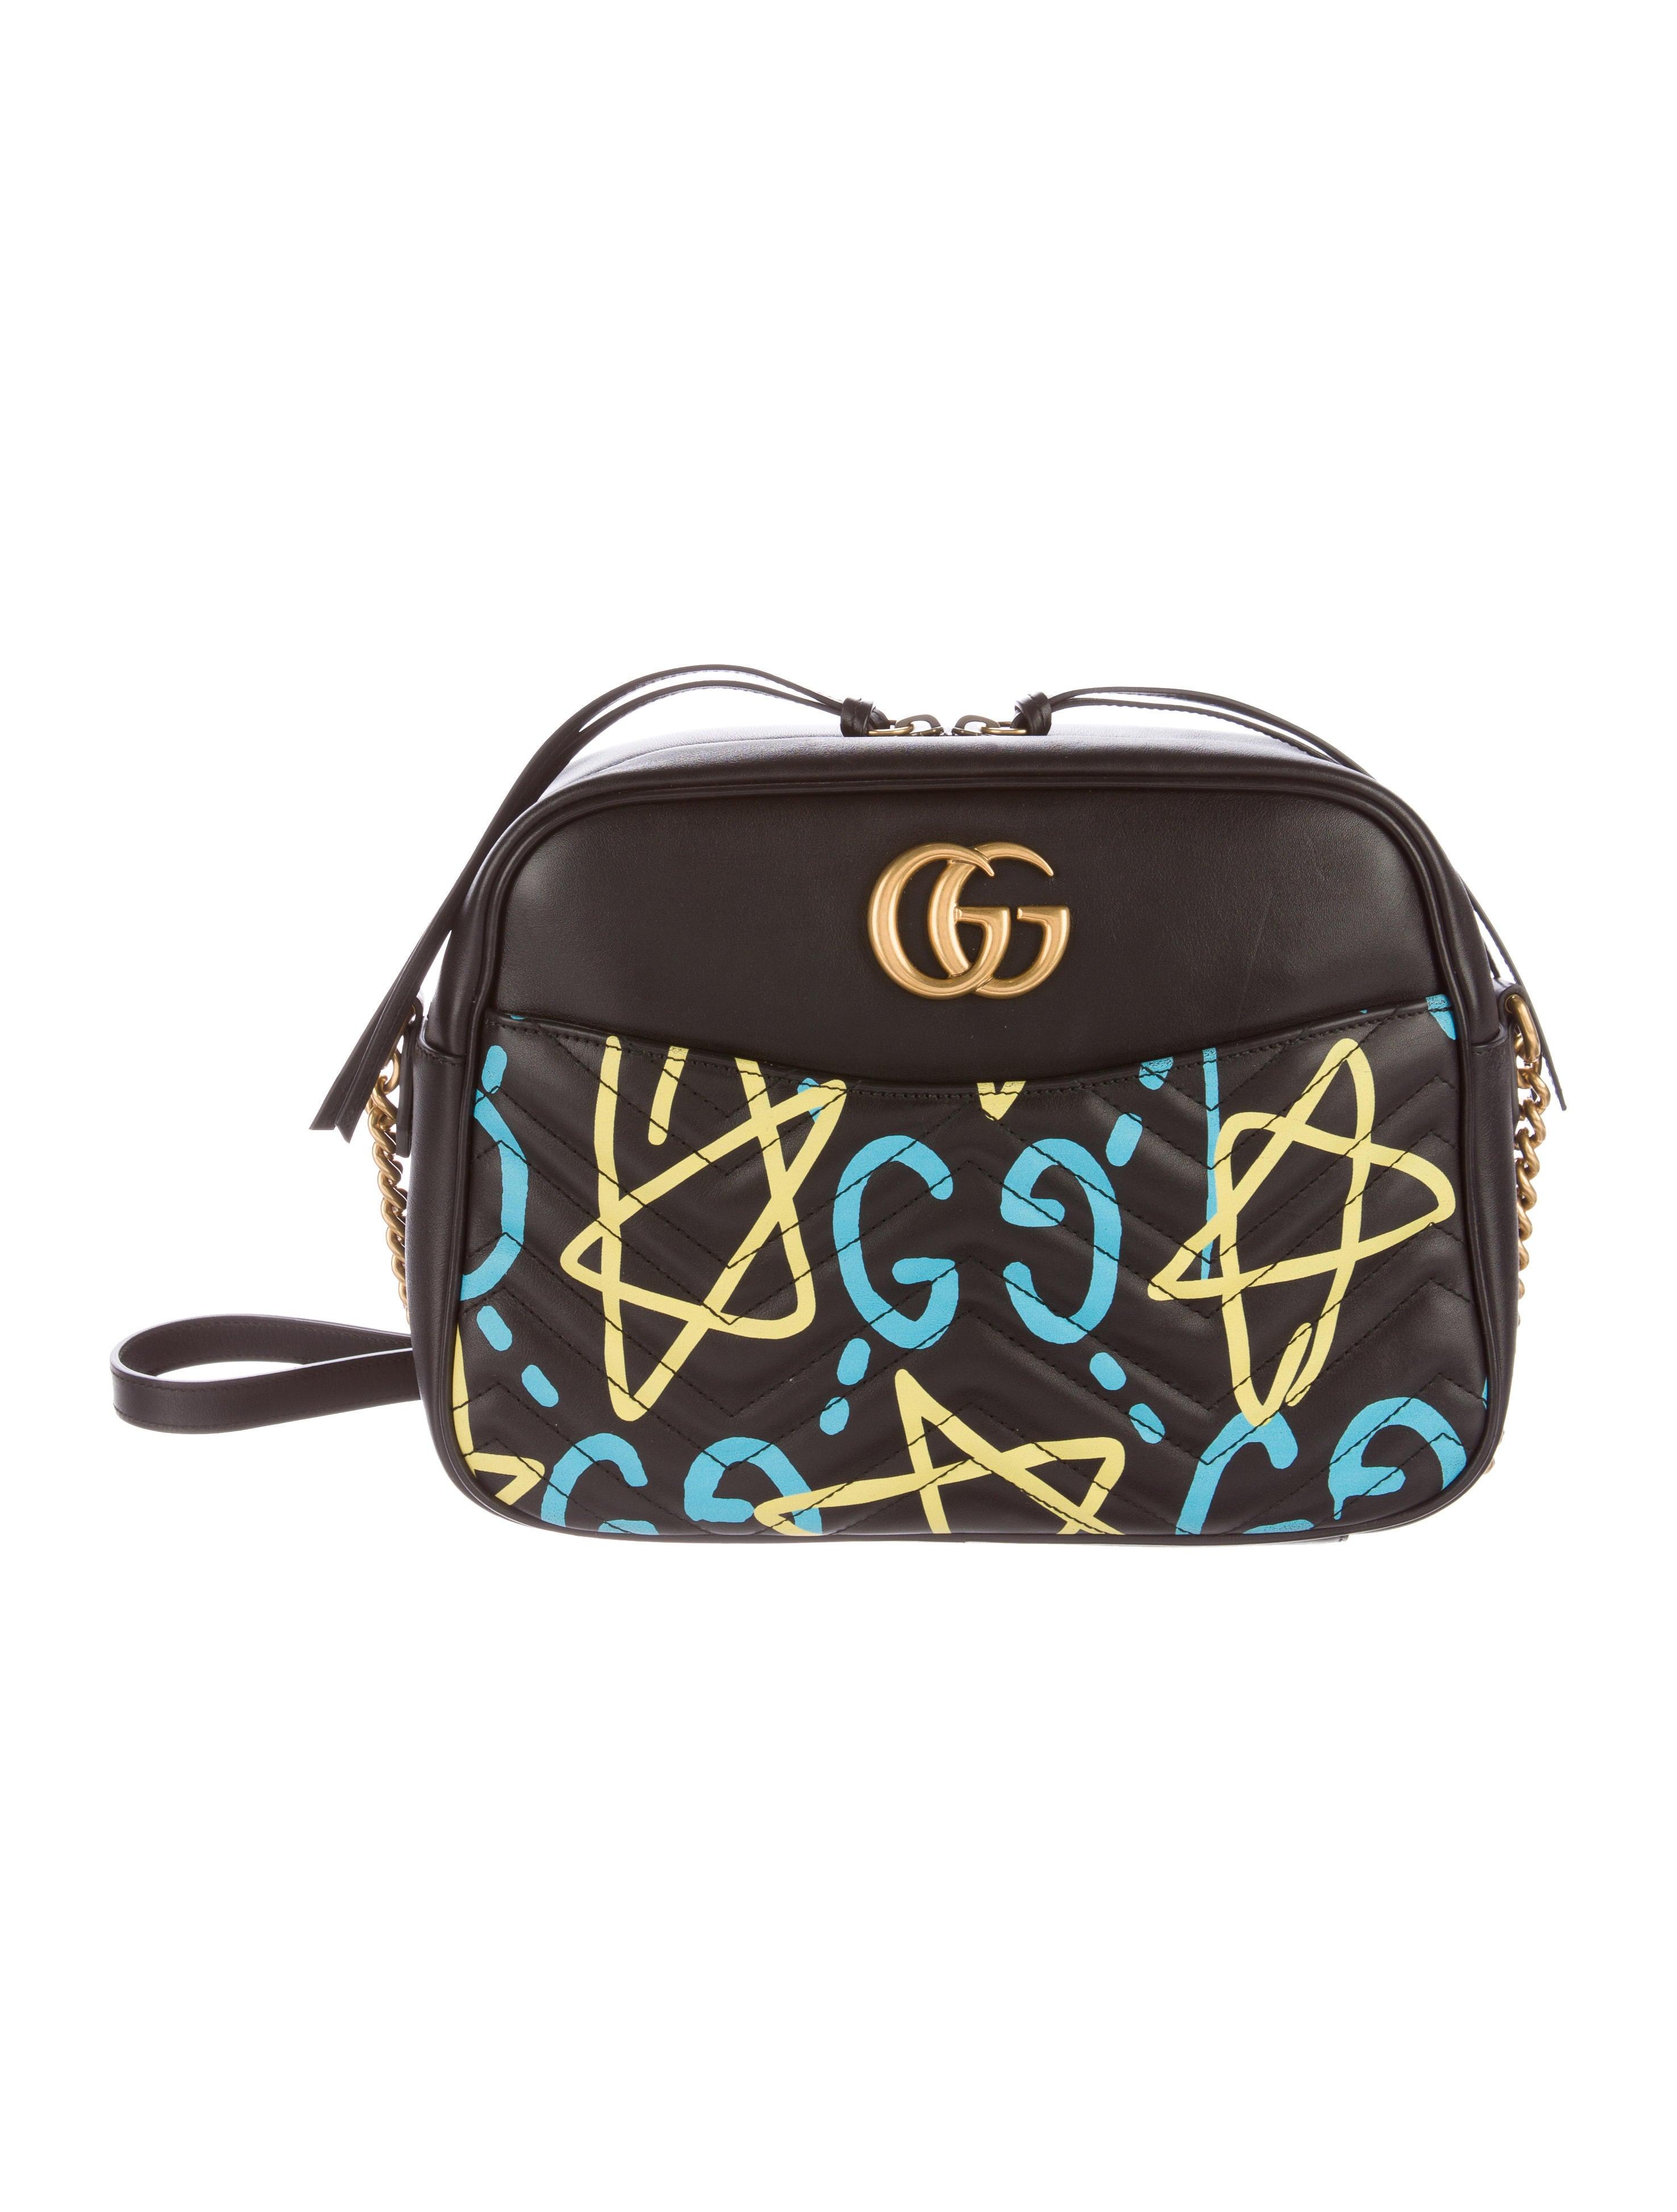 845d454b153 Gucci GG Marmont GucciGhost Shoulder Bag - Handbags - GUC136503 ...